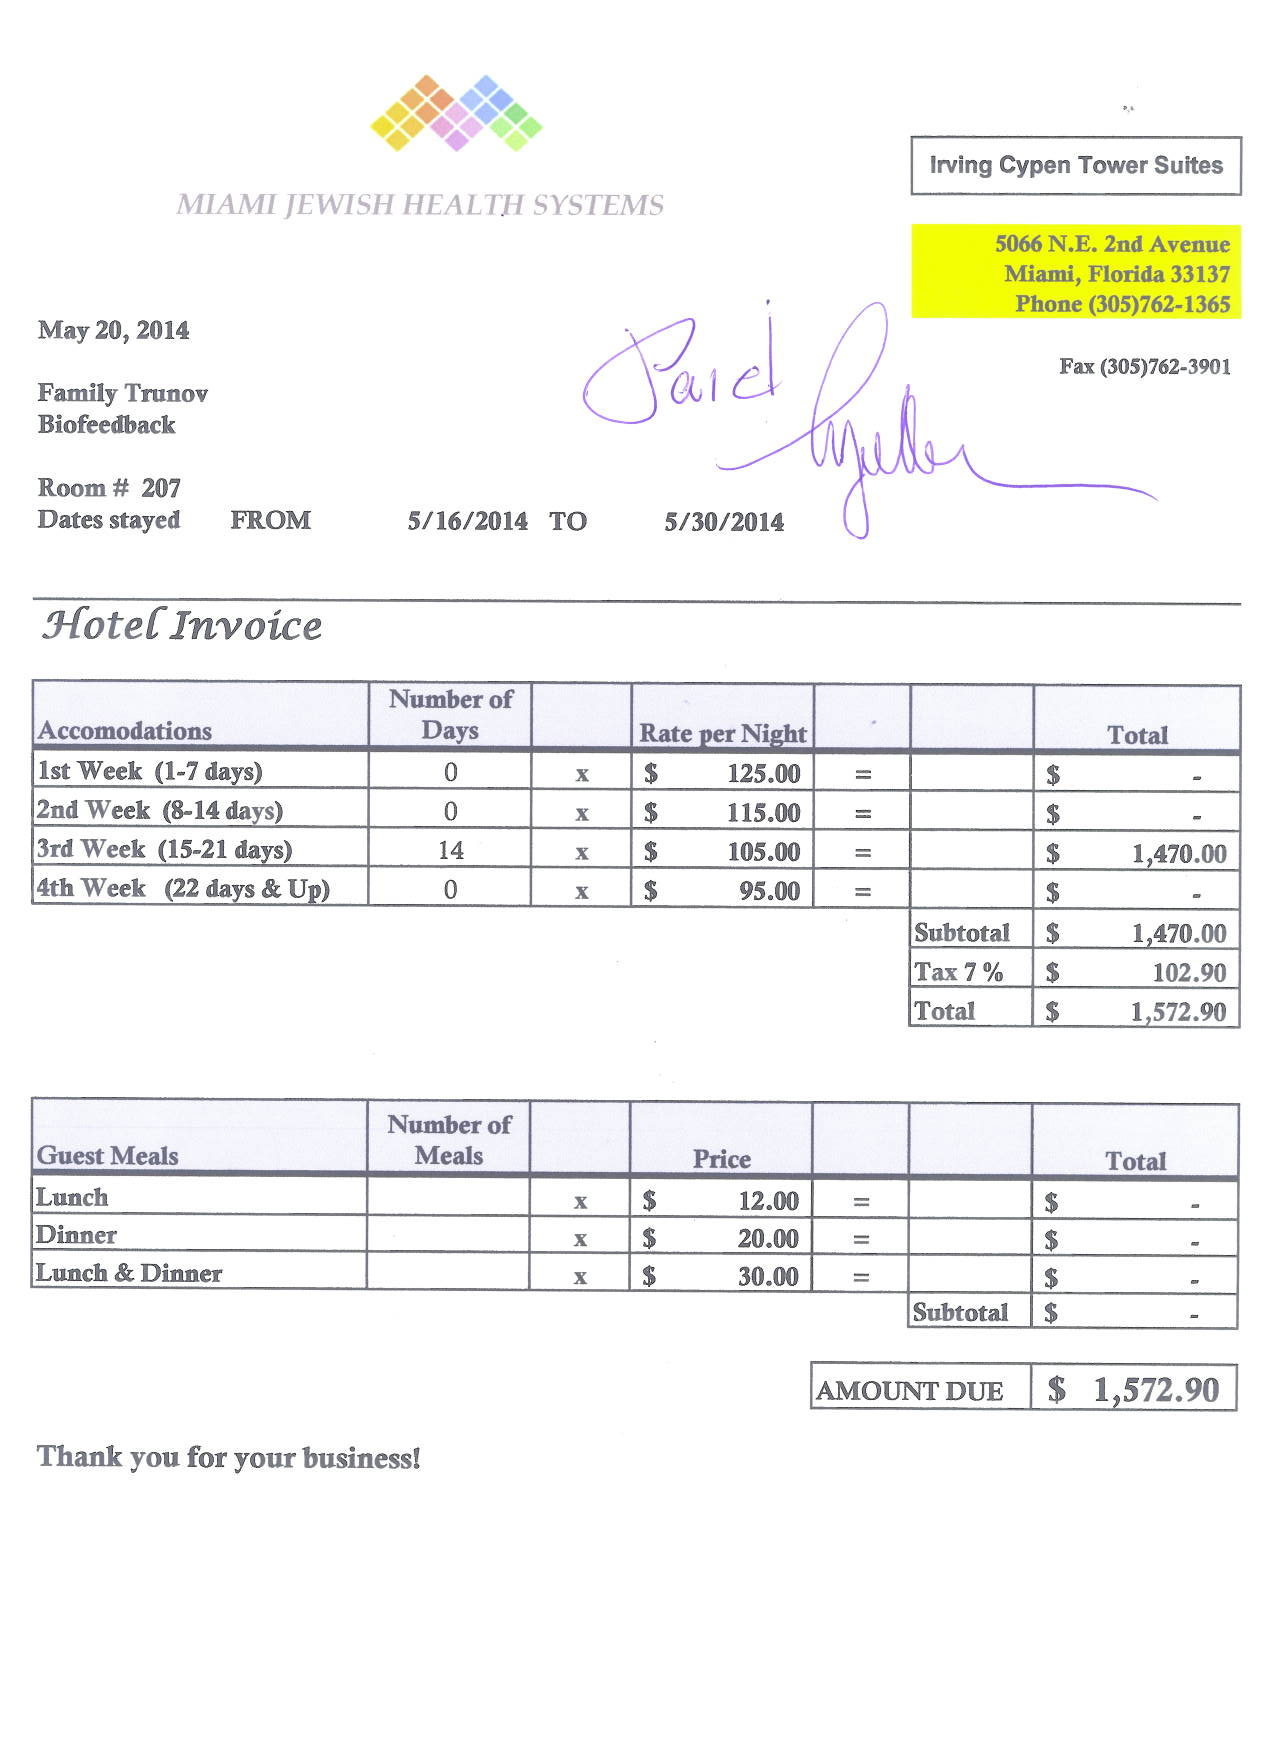 Подтверждение оплаты проживания